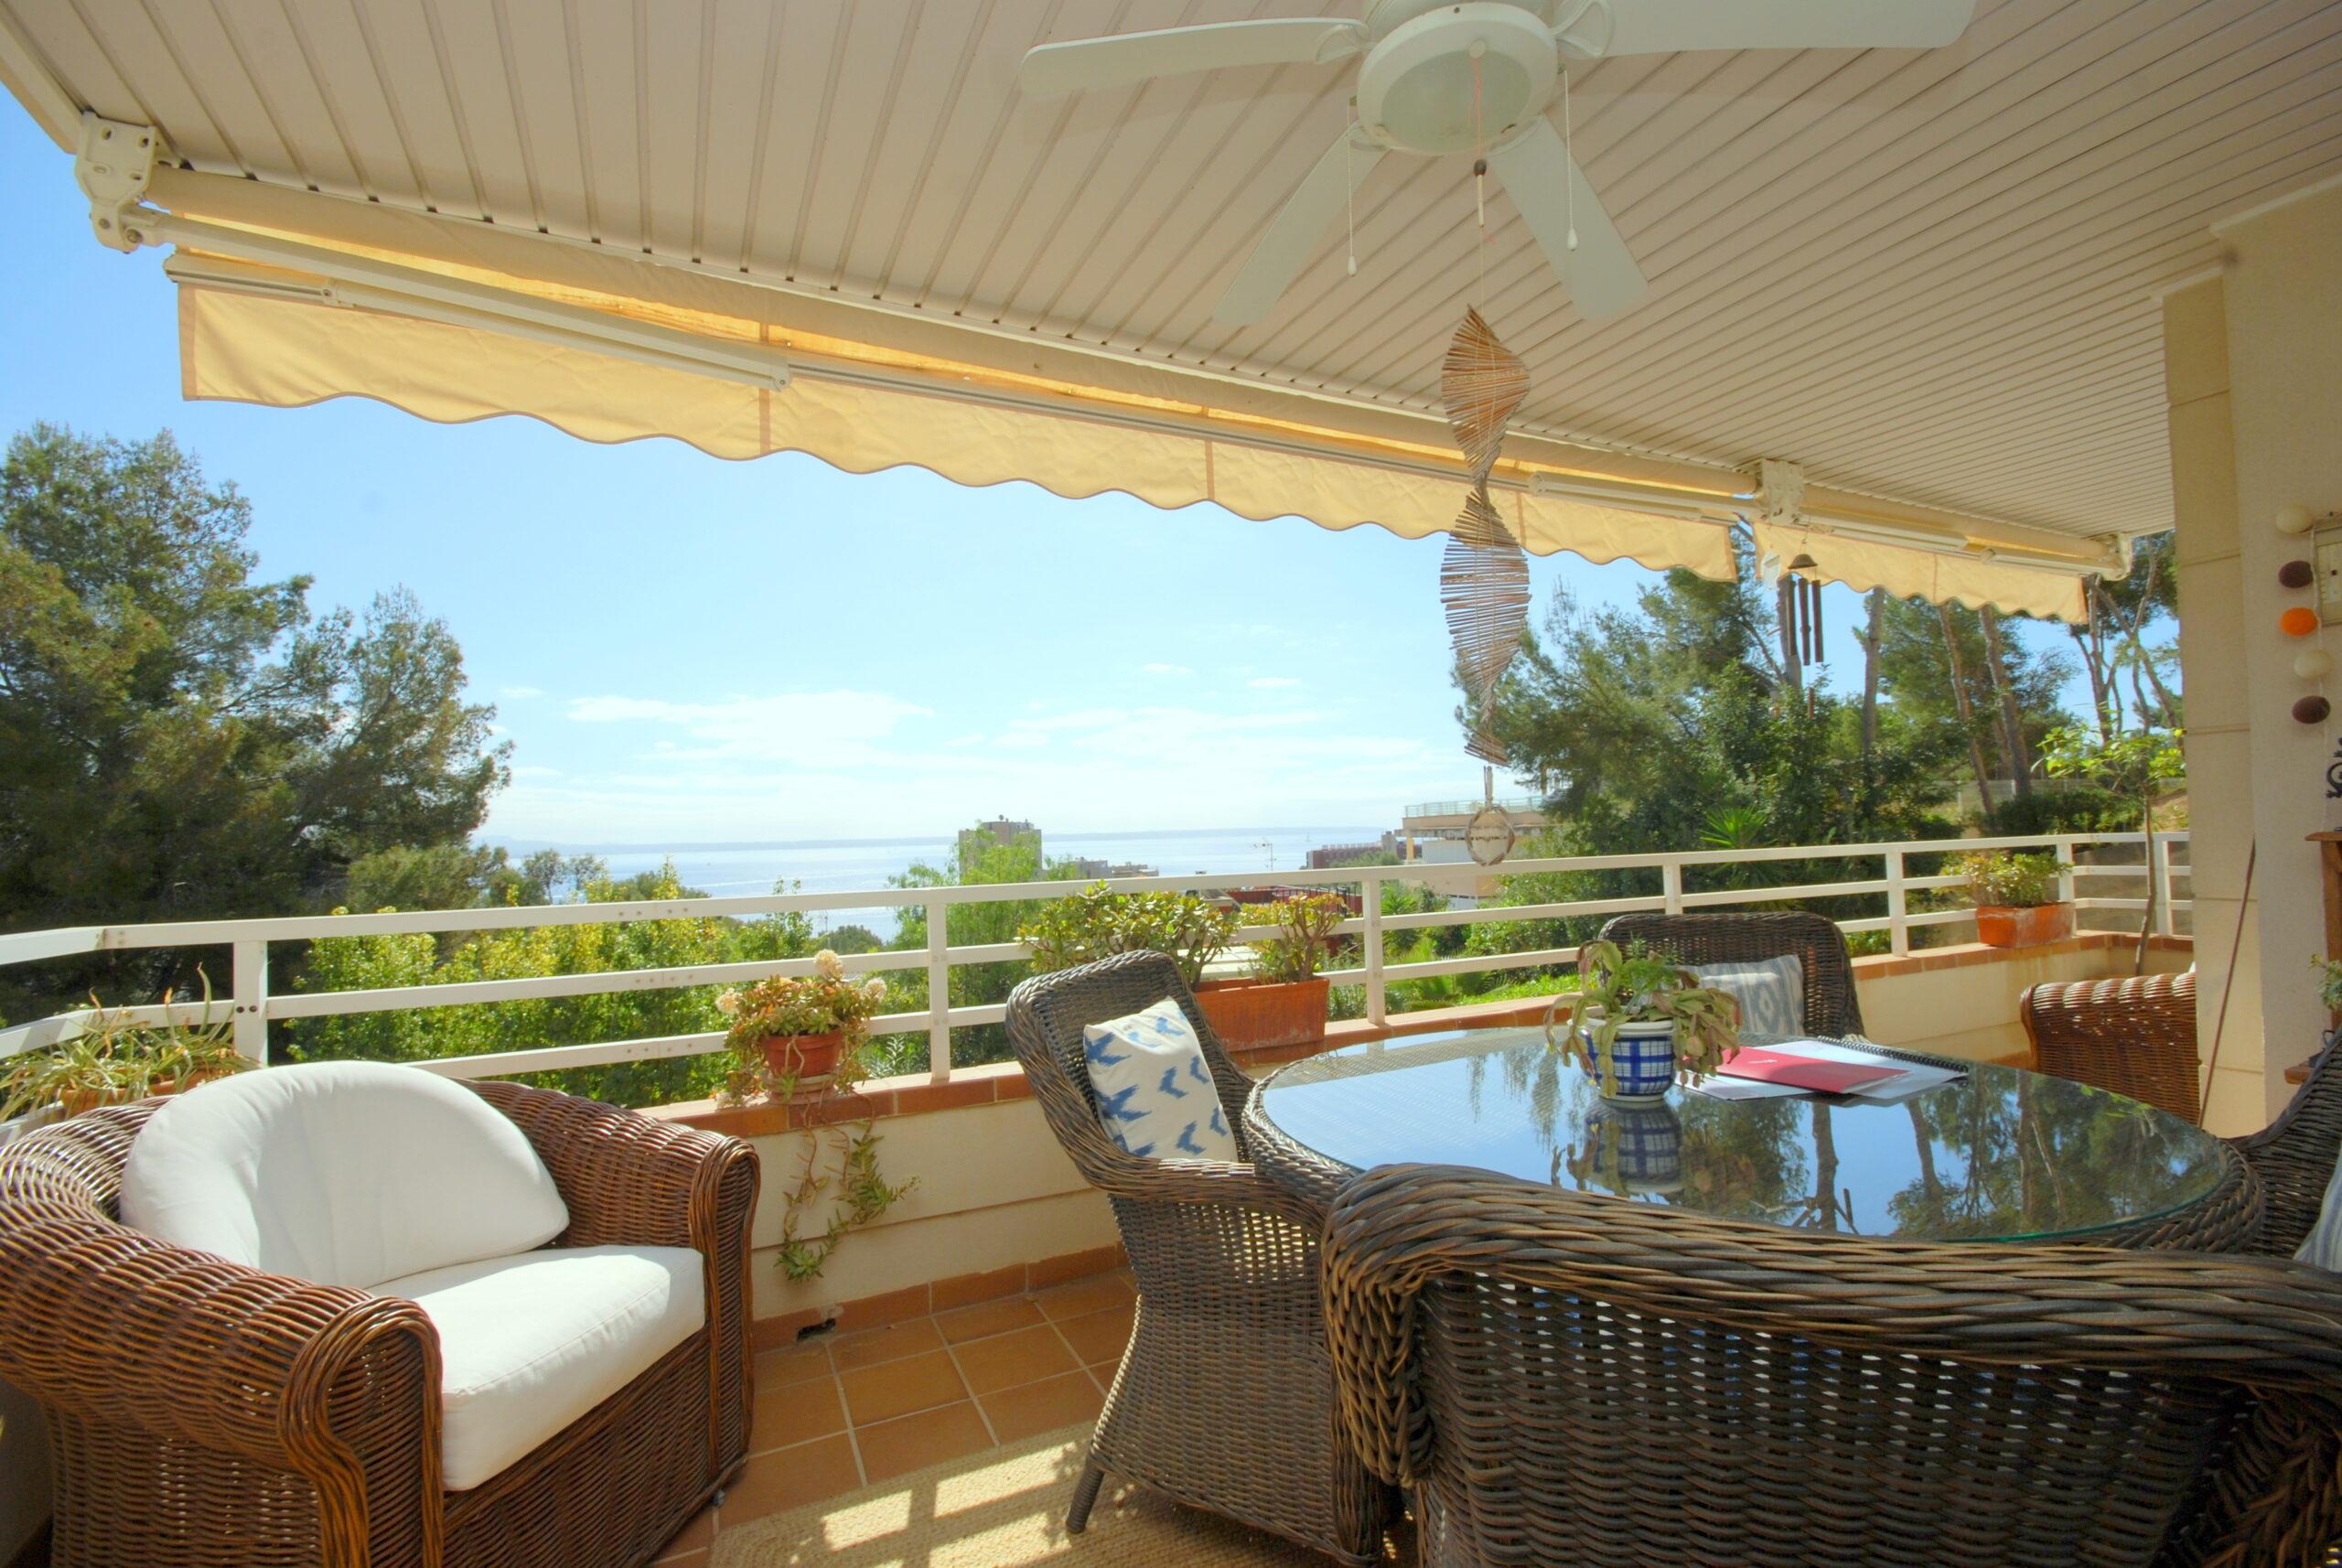 Piso amplio y luminoso ubicado en la zona residencial de Cas Catala Nou, con excelentes vistas al mar